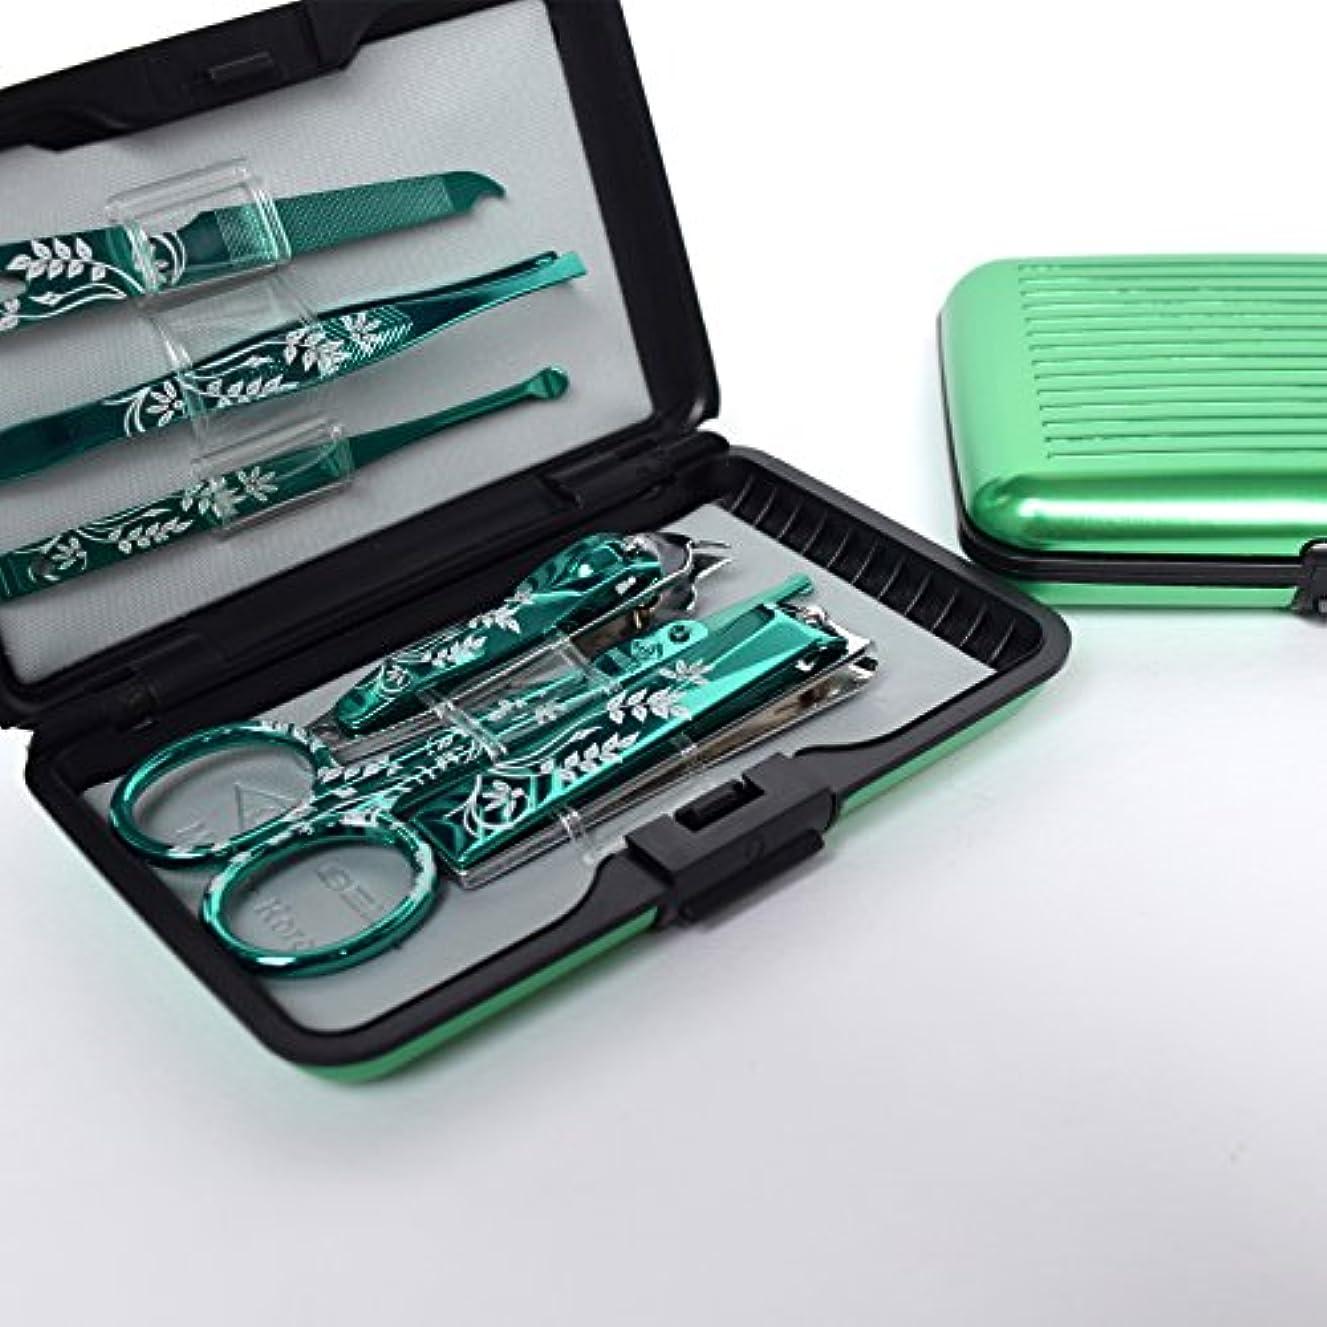 出版焦がす主観的BELL Manicure Sets BM-800A ポータブル爪の管理セット 爪切りセット 高品質のネイルケアセット花モチーフのイラストデザイン Portable Nail Clippers Nail Care Set